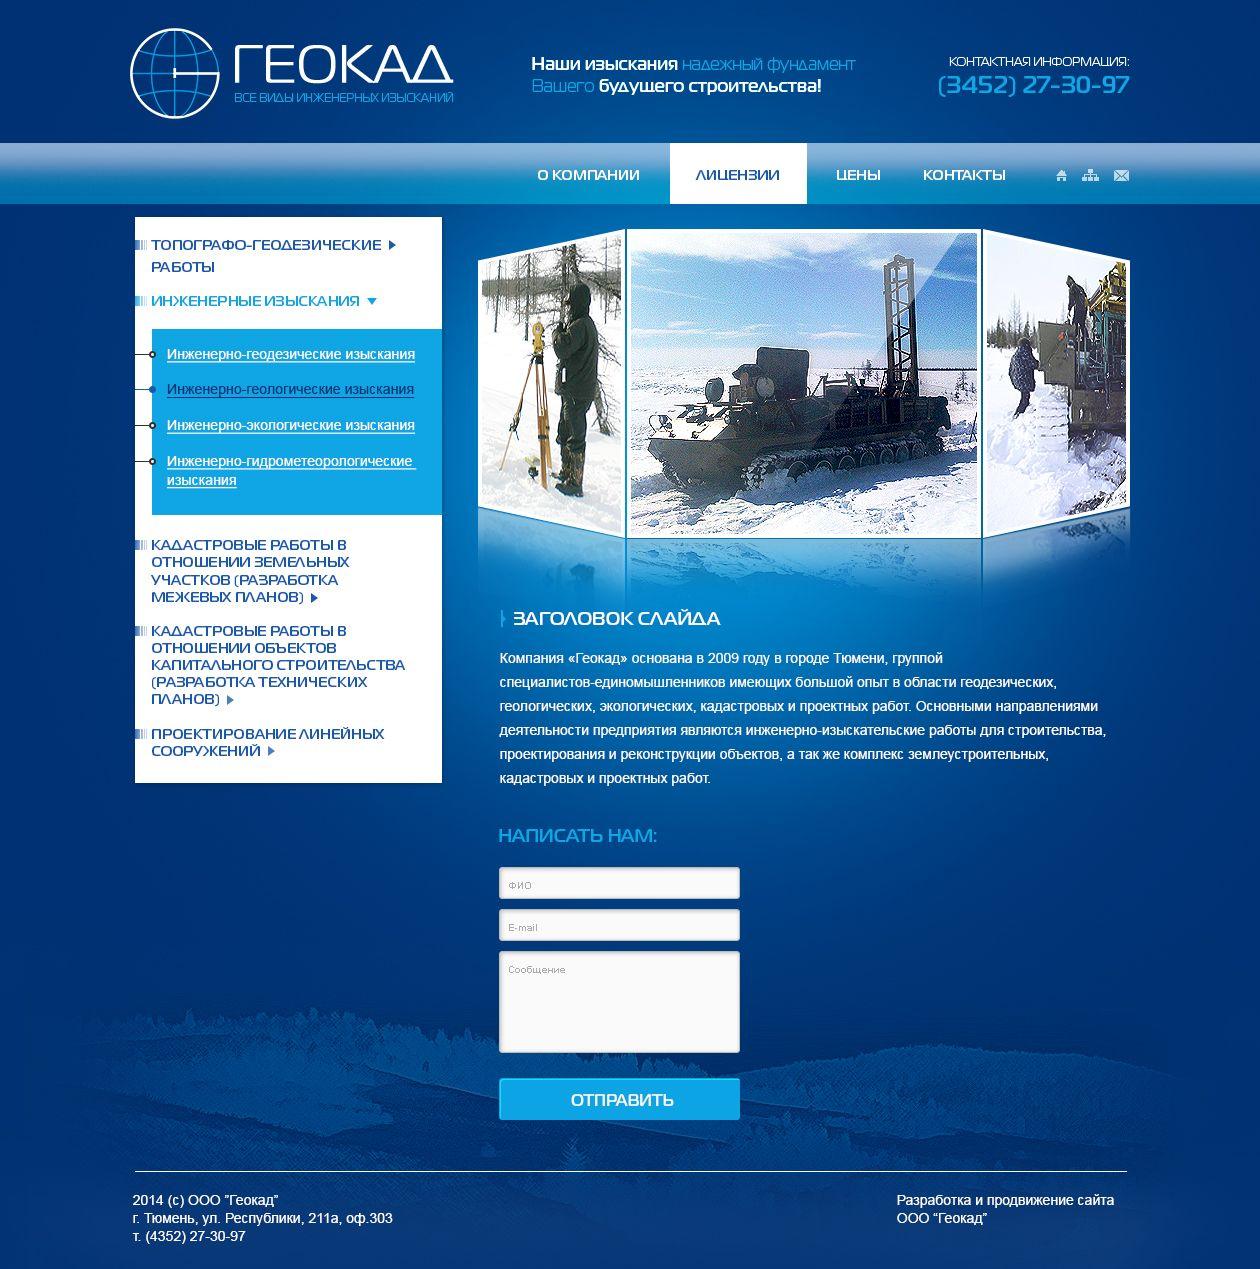 Дизайн для компании Геокад - дизайнер Russomatroso